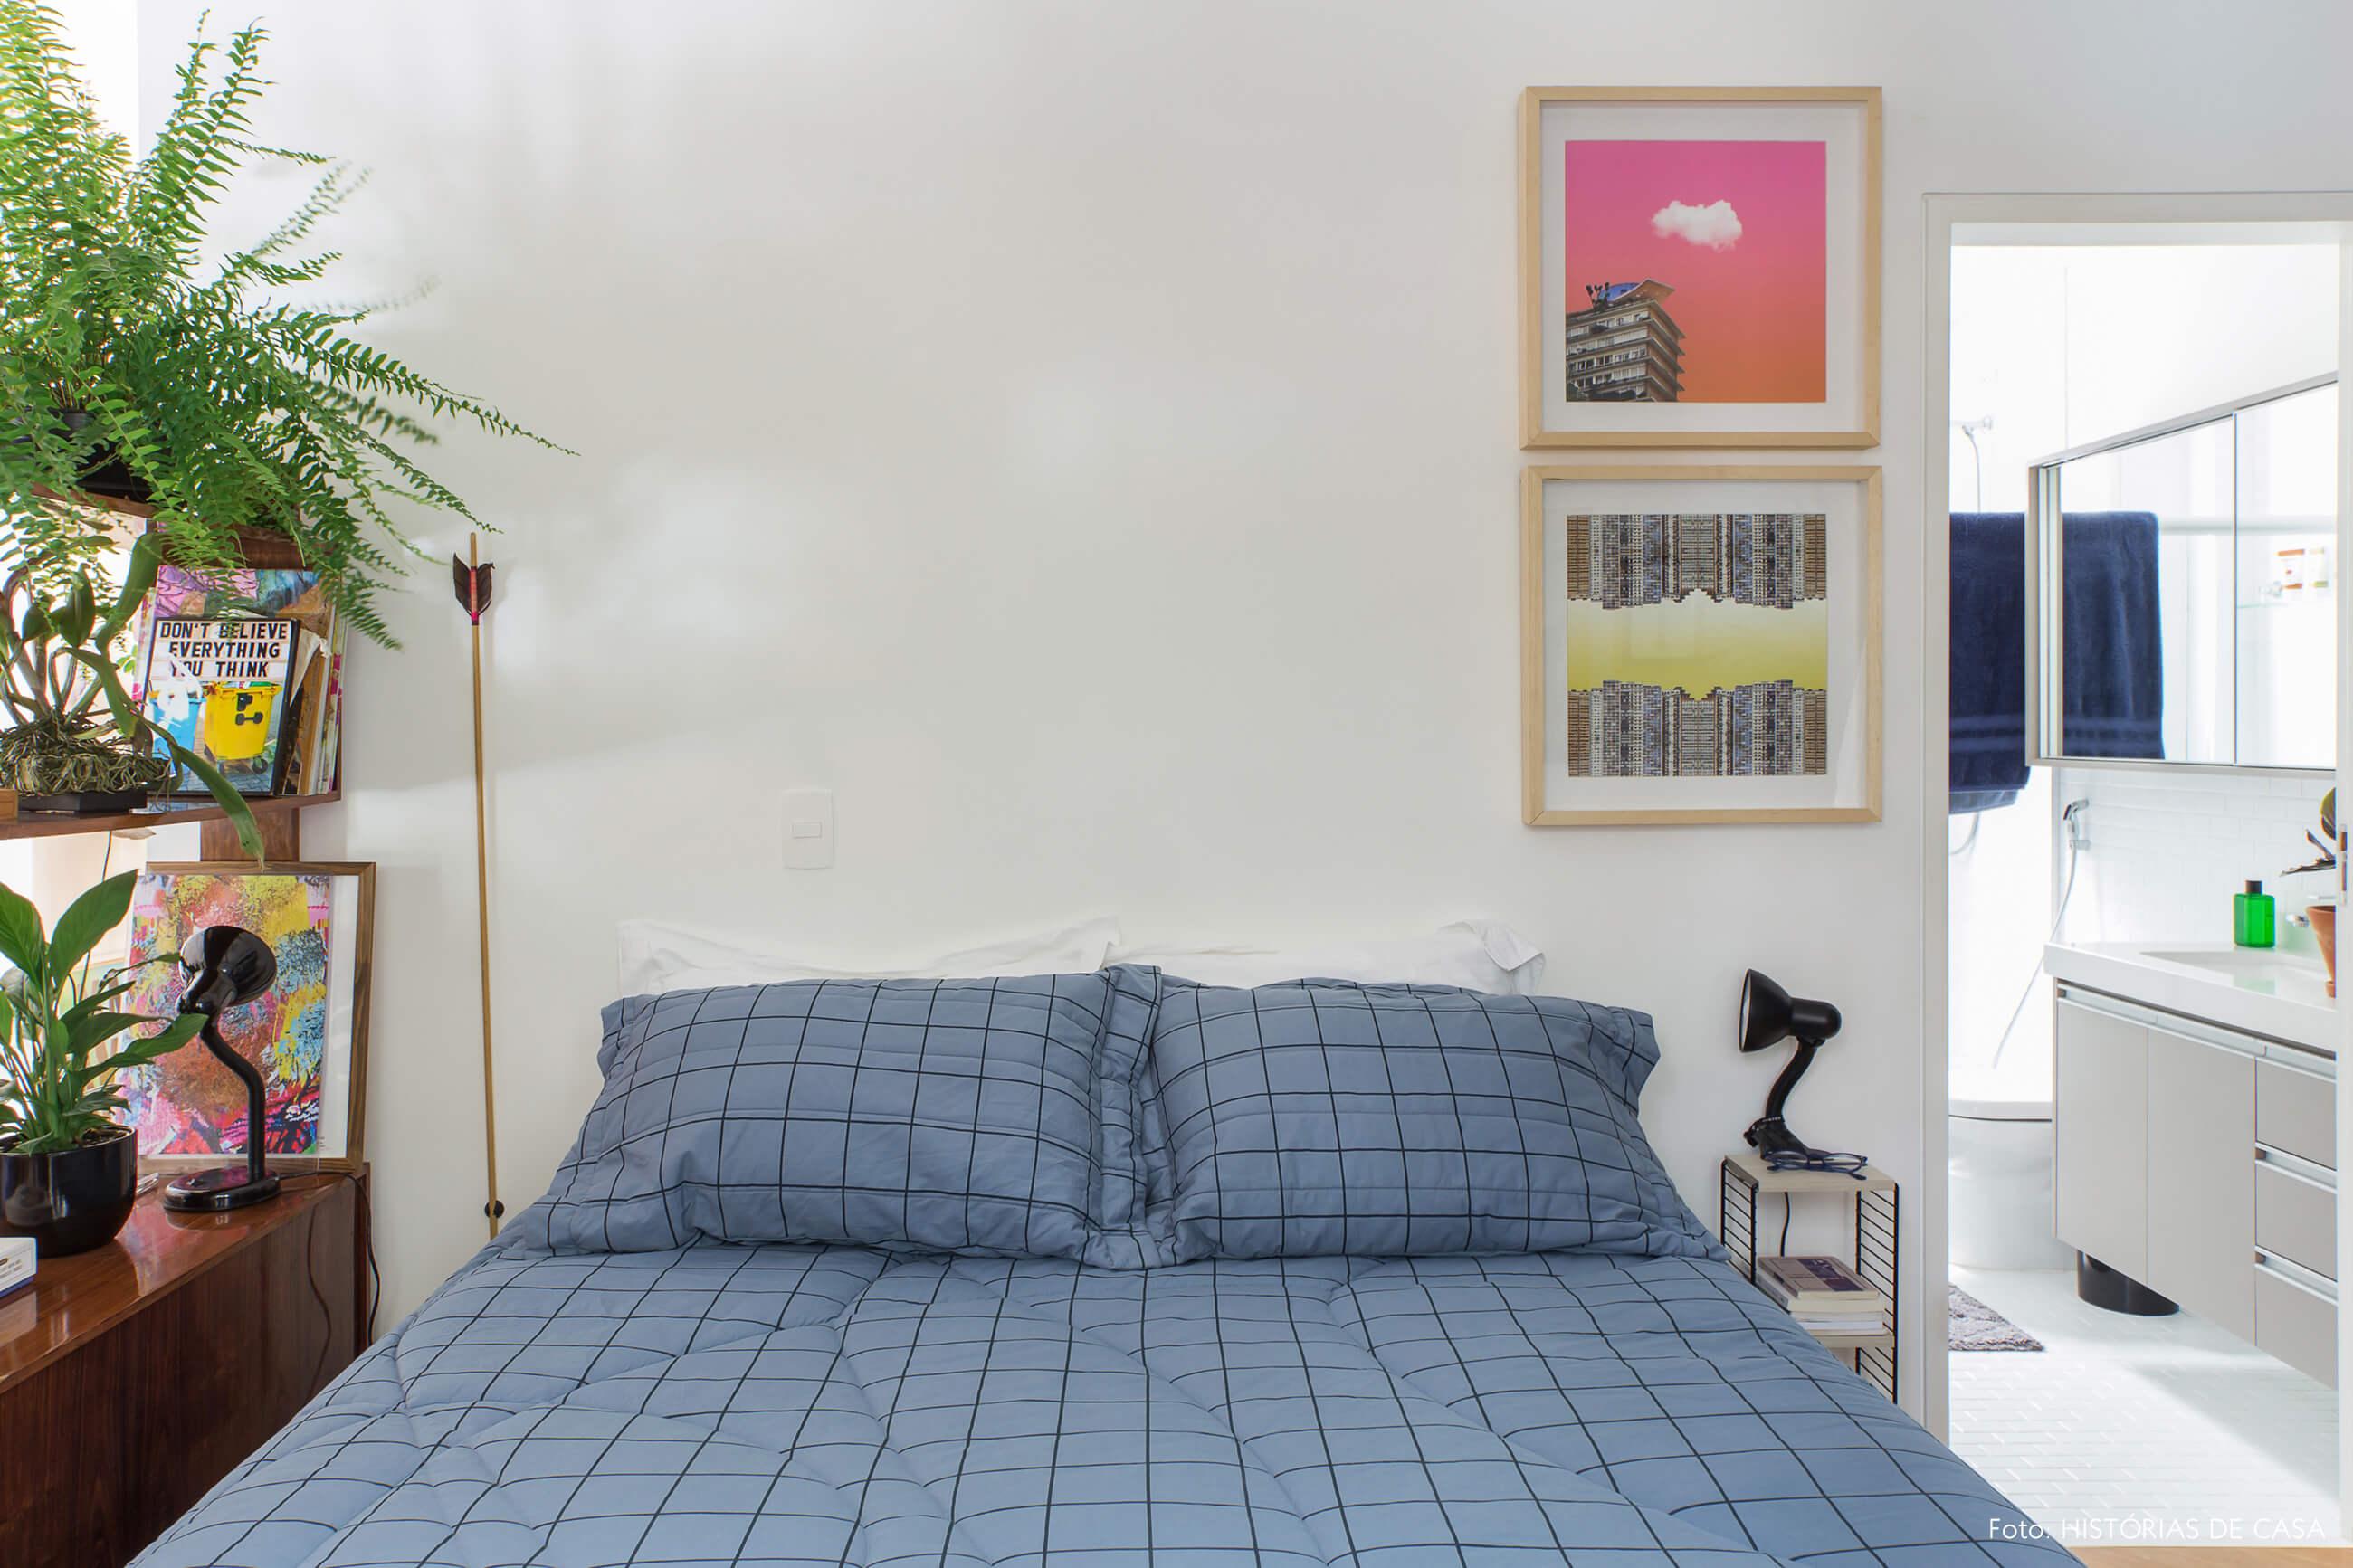 Apartamento alugado com quarto integrado à sala, estante com plantas